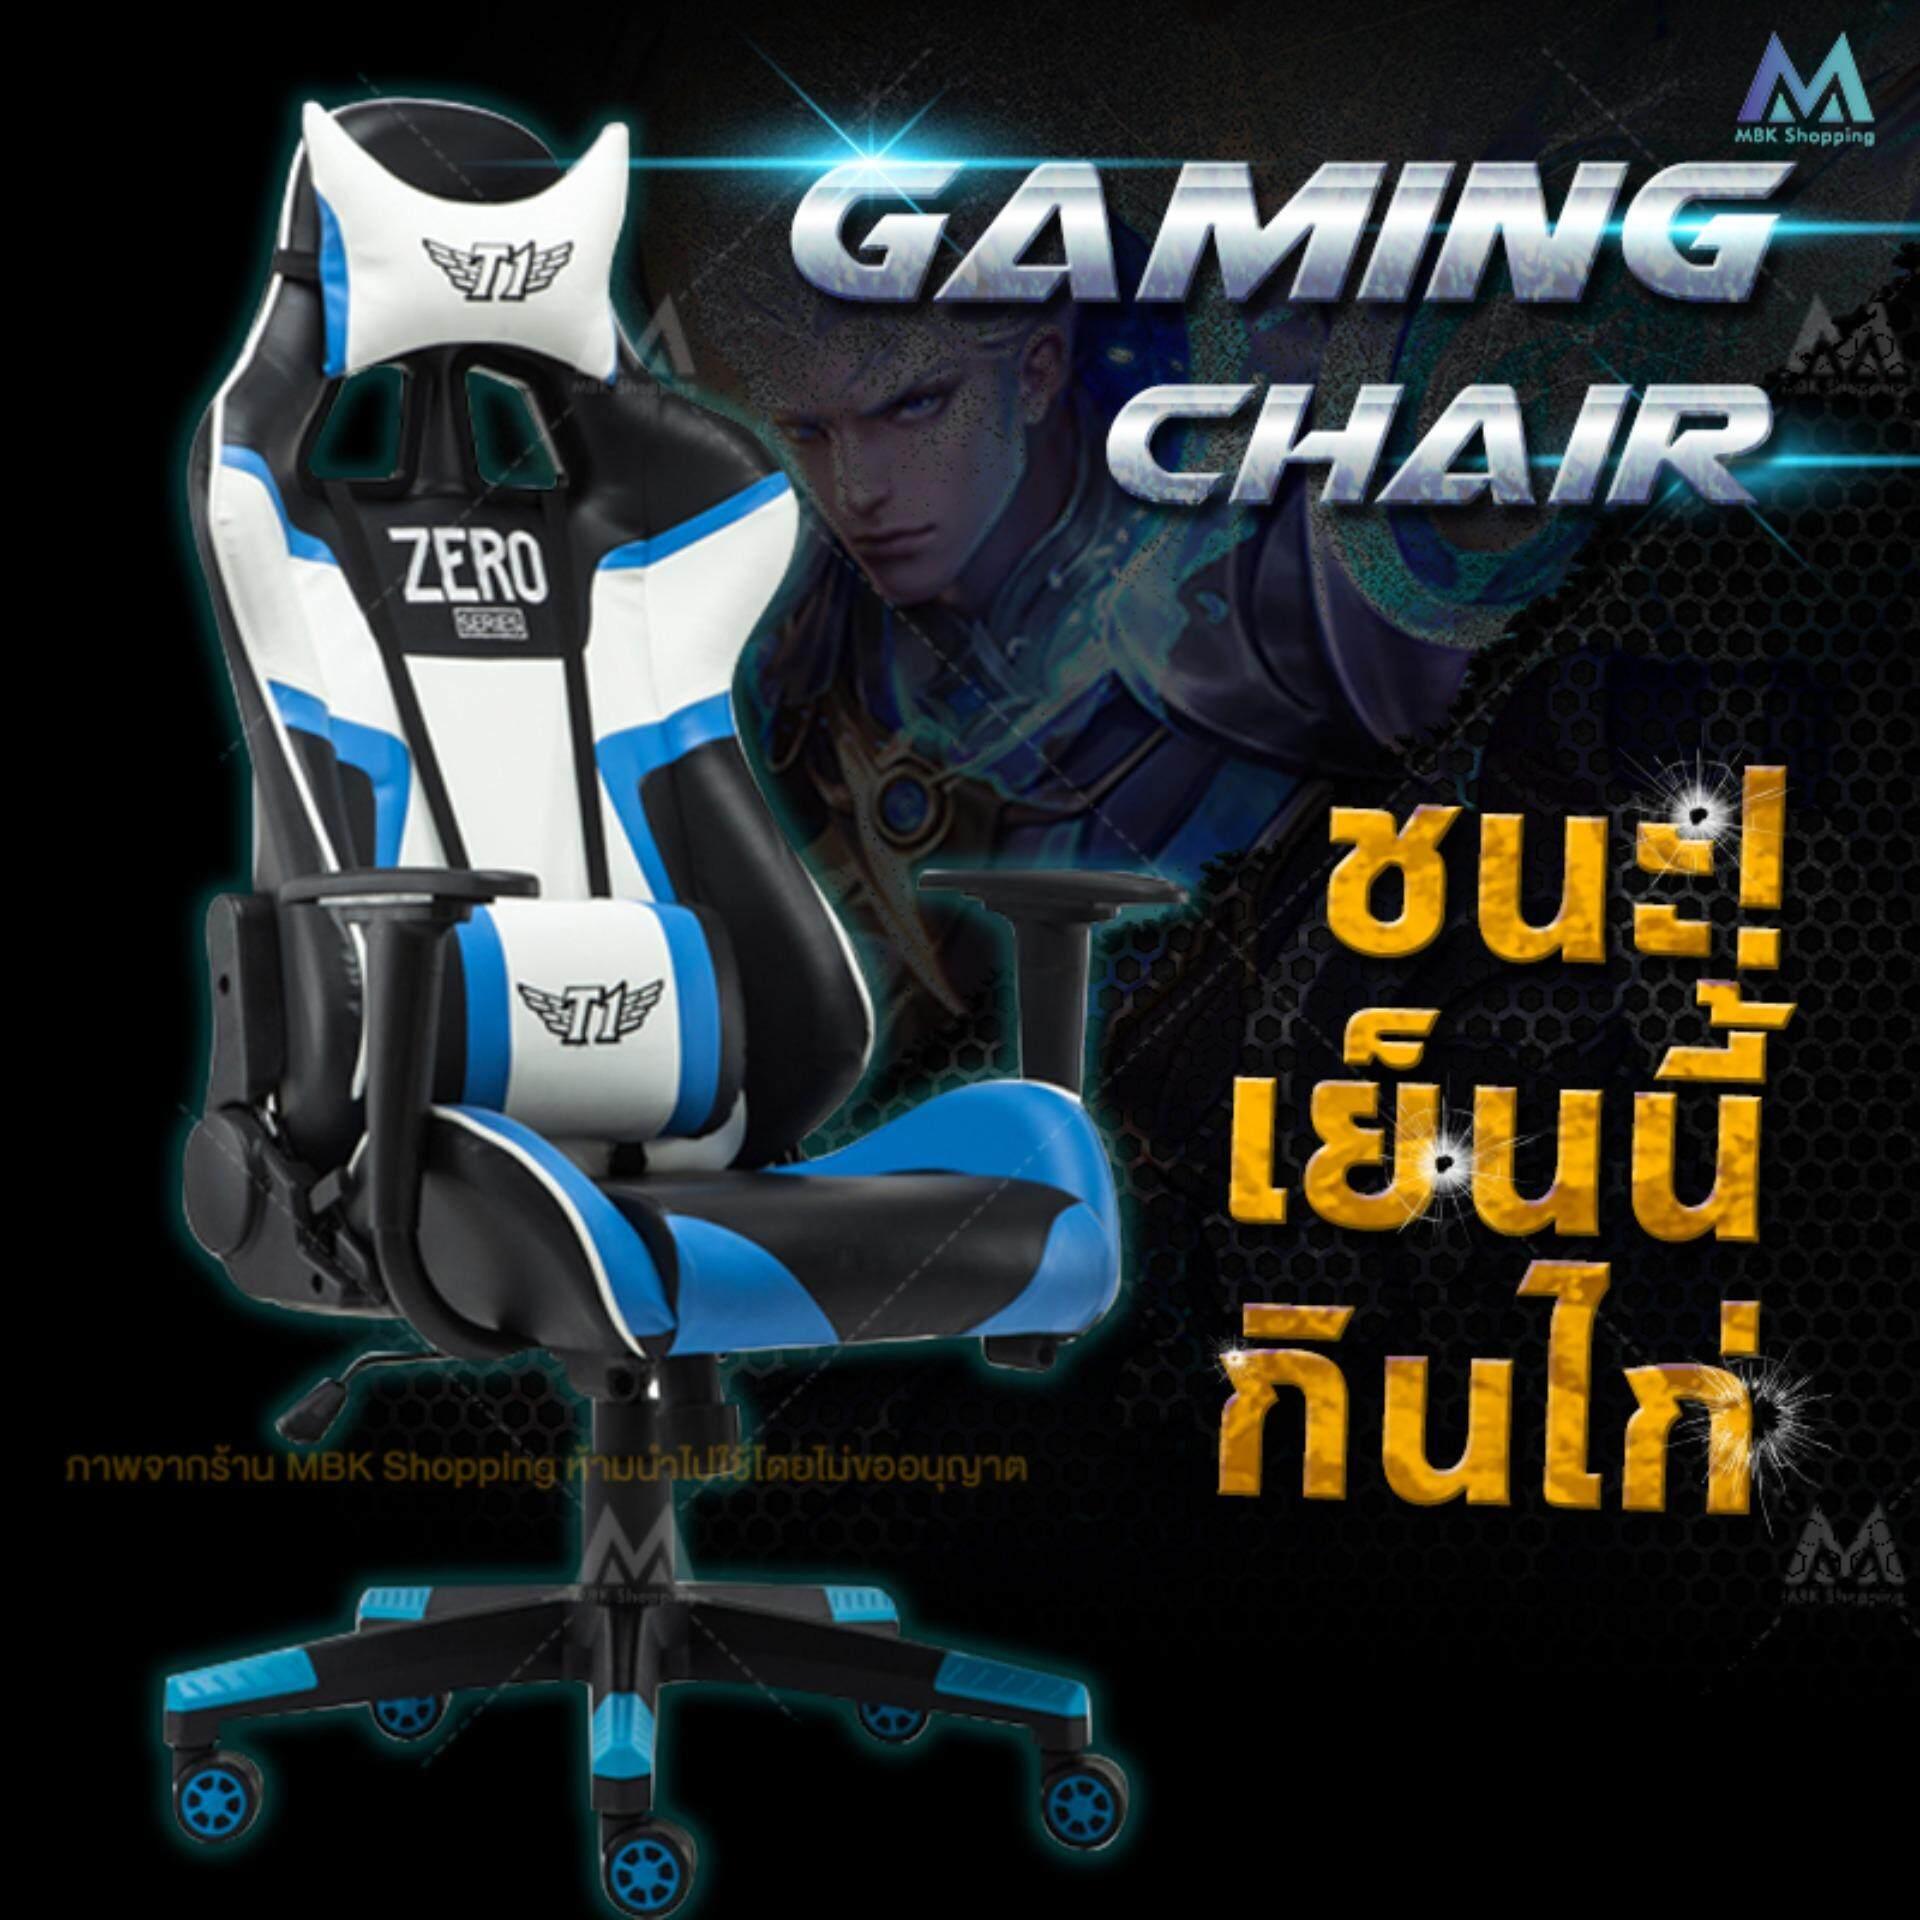 ยี่ห้อนี้ดีไหม  MBK เก้าอี้เล่นเกม เก้าอี้เกมมิ่ง Gaming Chair ปรับความสูงได้ เอนหลังได้ เก้าอี้เกมเล่น LOL PUBG ROV รุ่น HMZEROT1